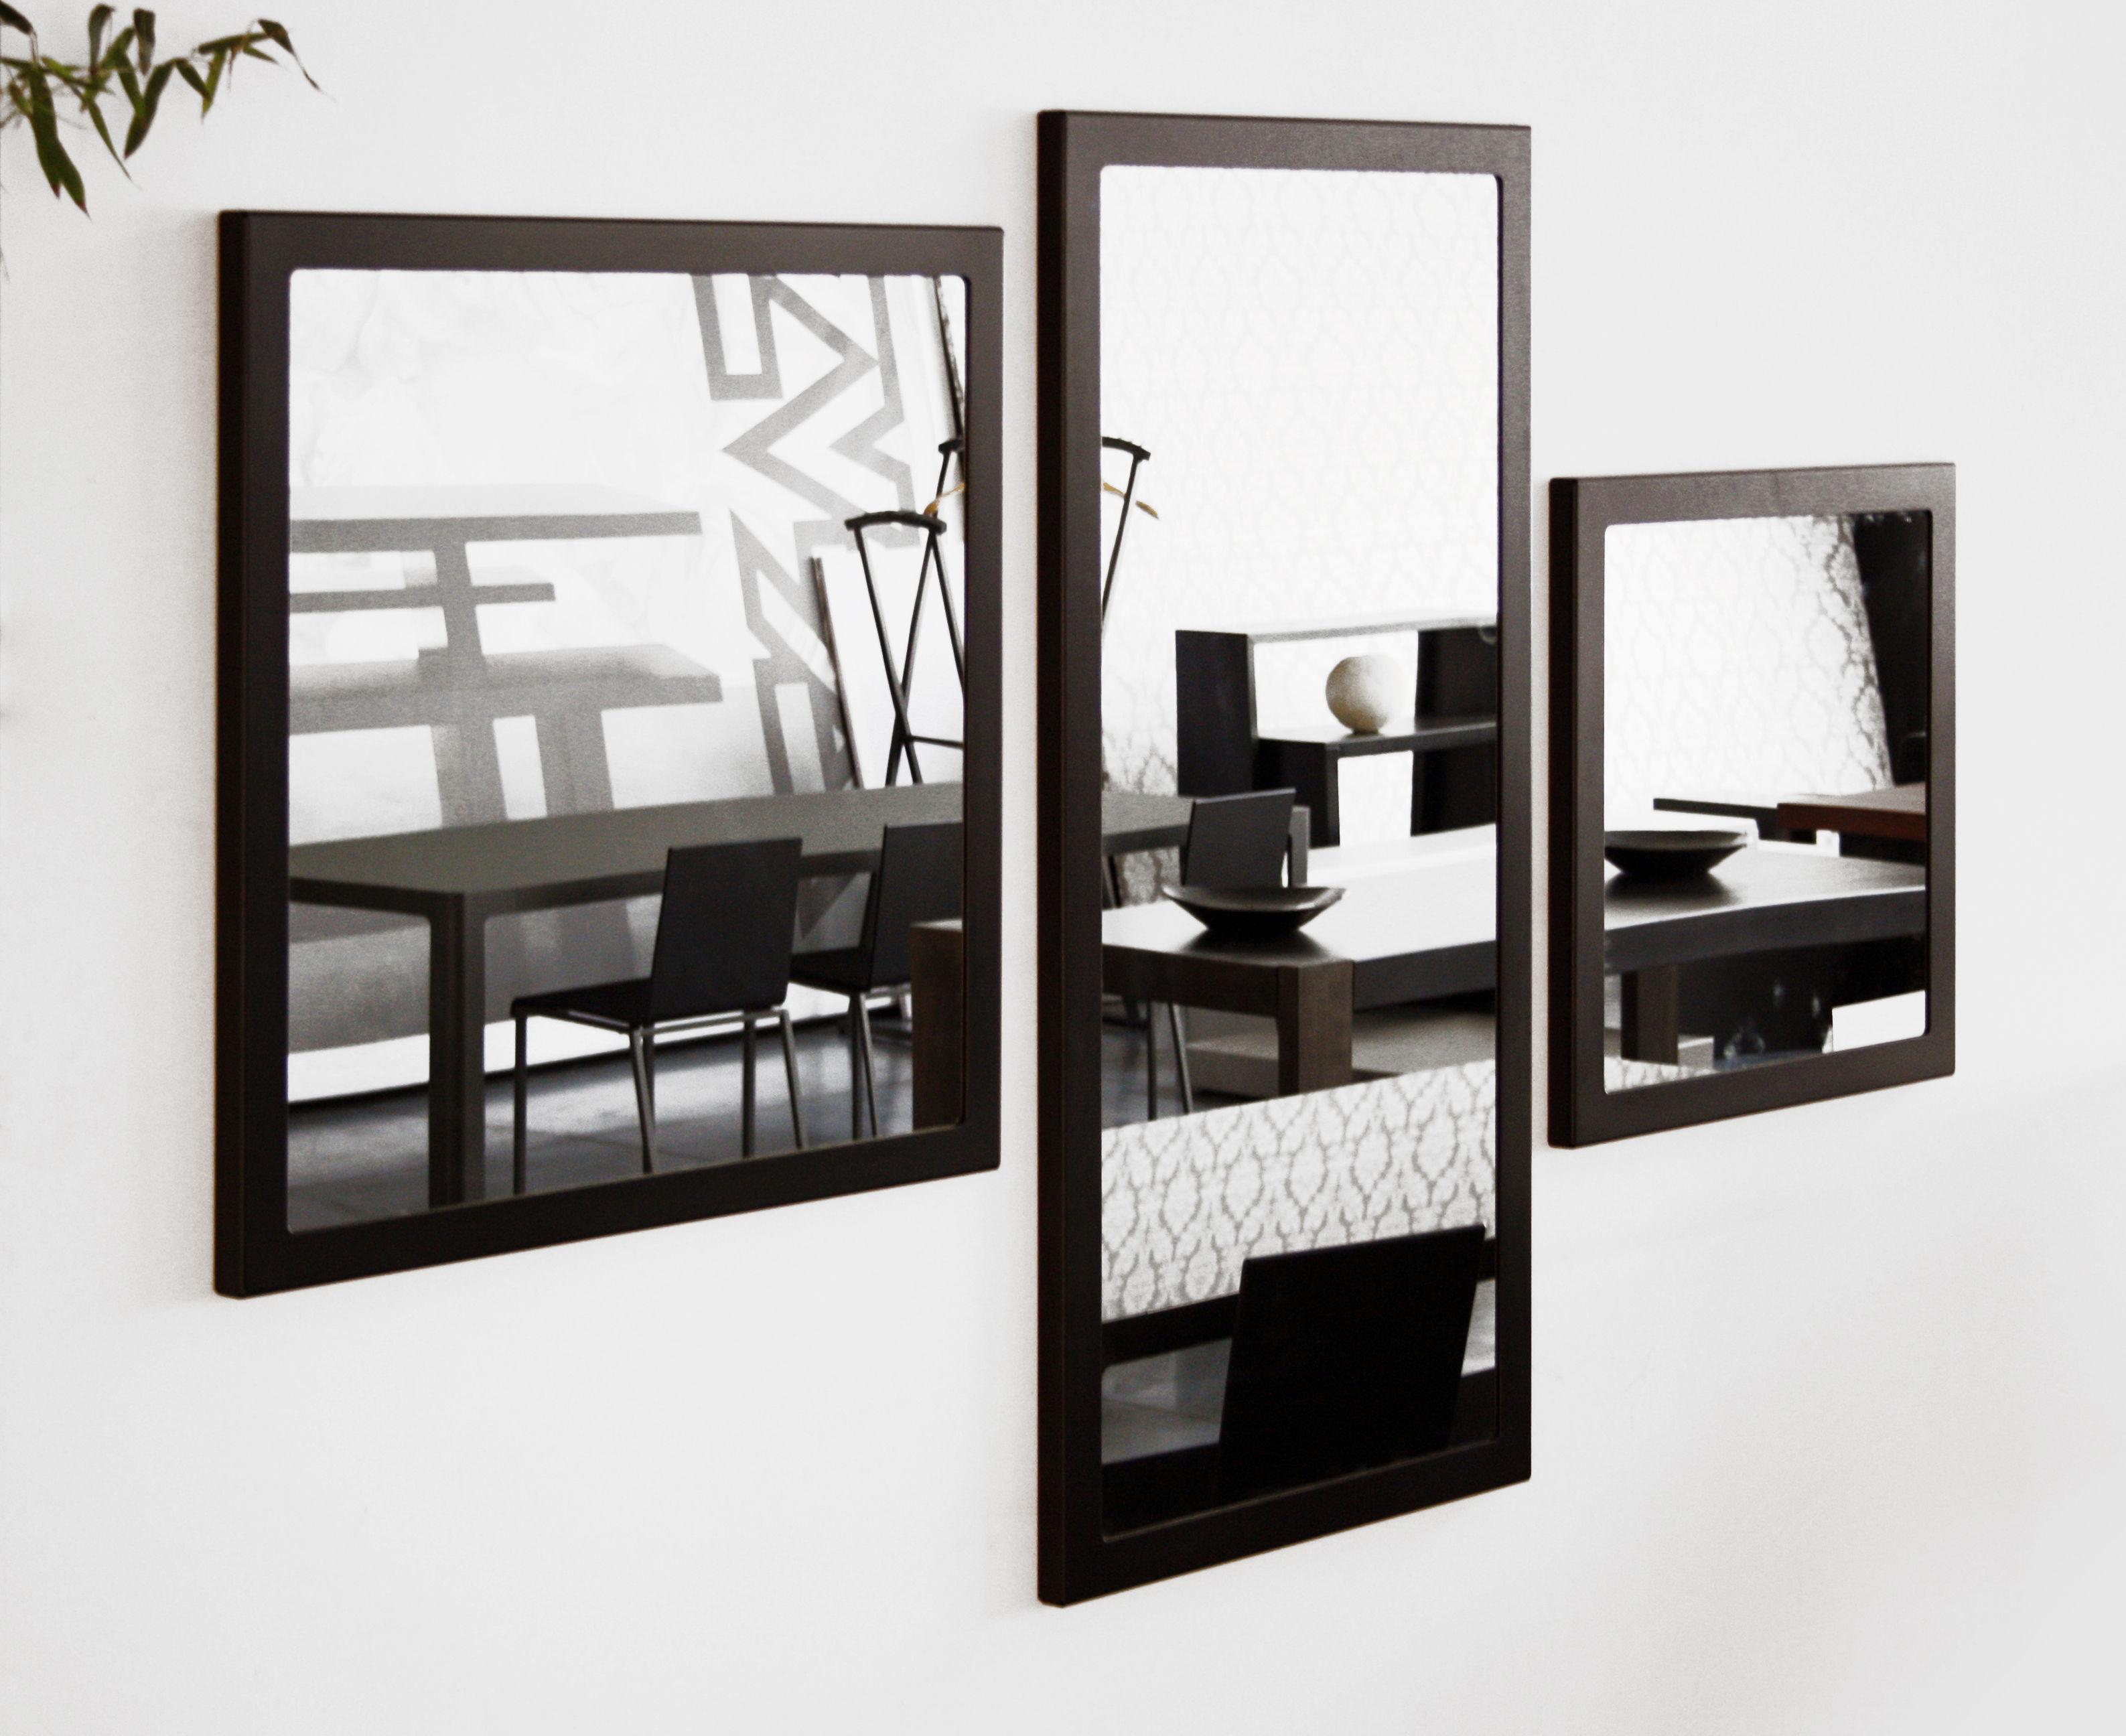 Miroir mural little frame 60 x 60 cm blanc demi opaque zeus for Miroir mural original